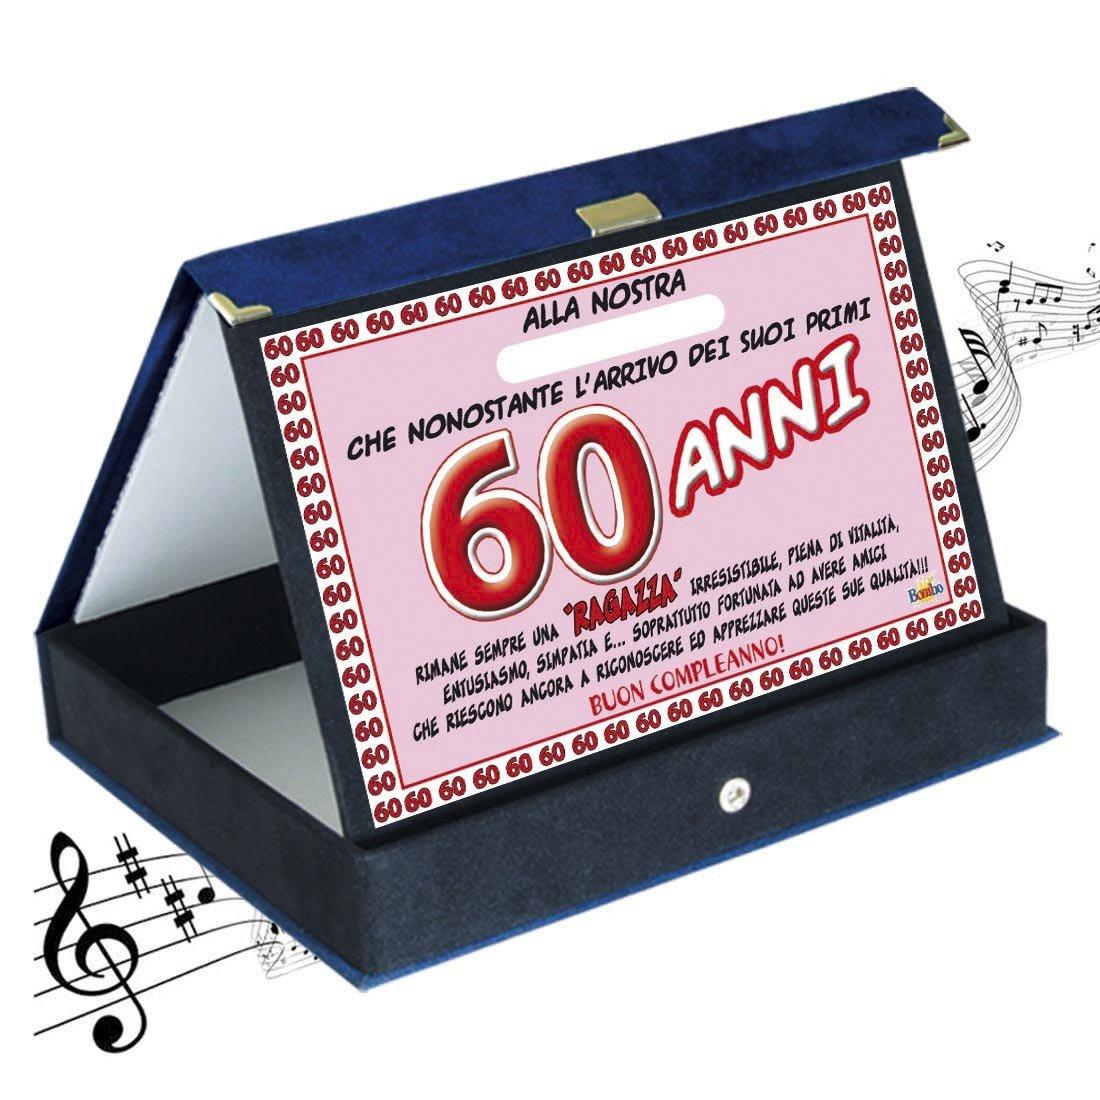 Articolo idee regalo Targa premio compleanno sonora 60 anni amica